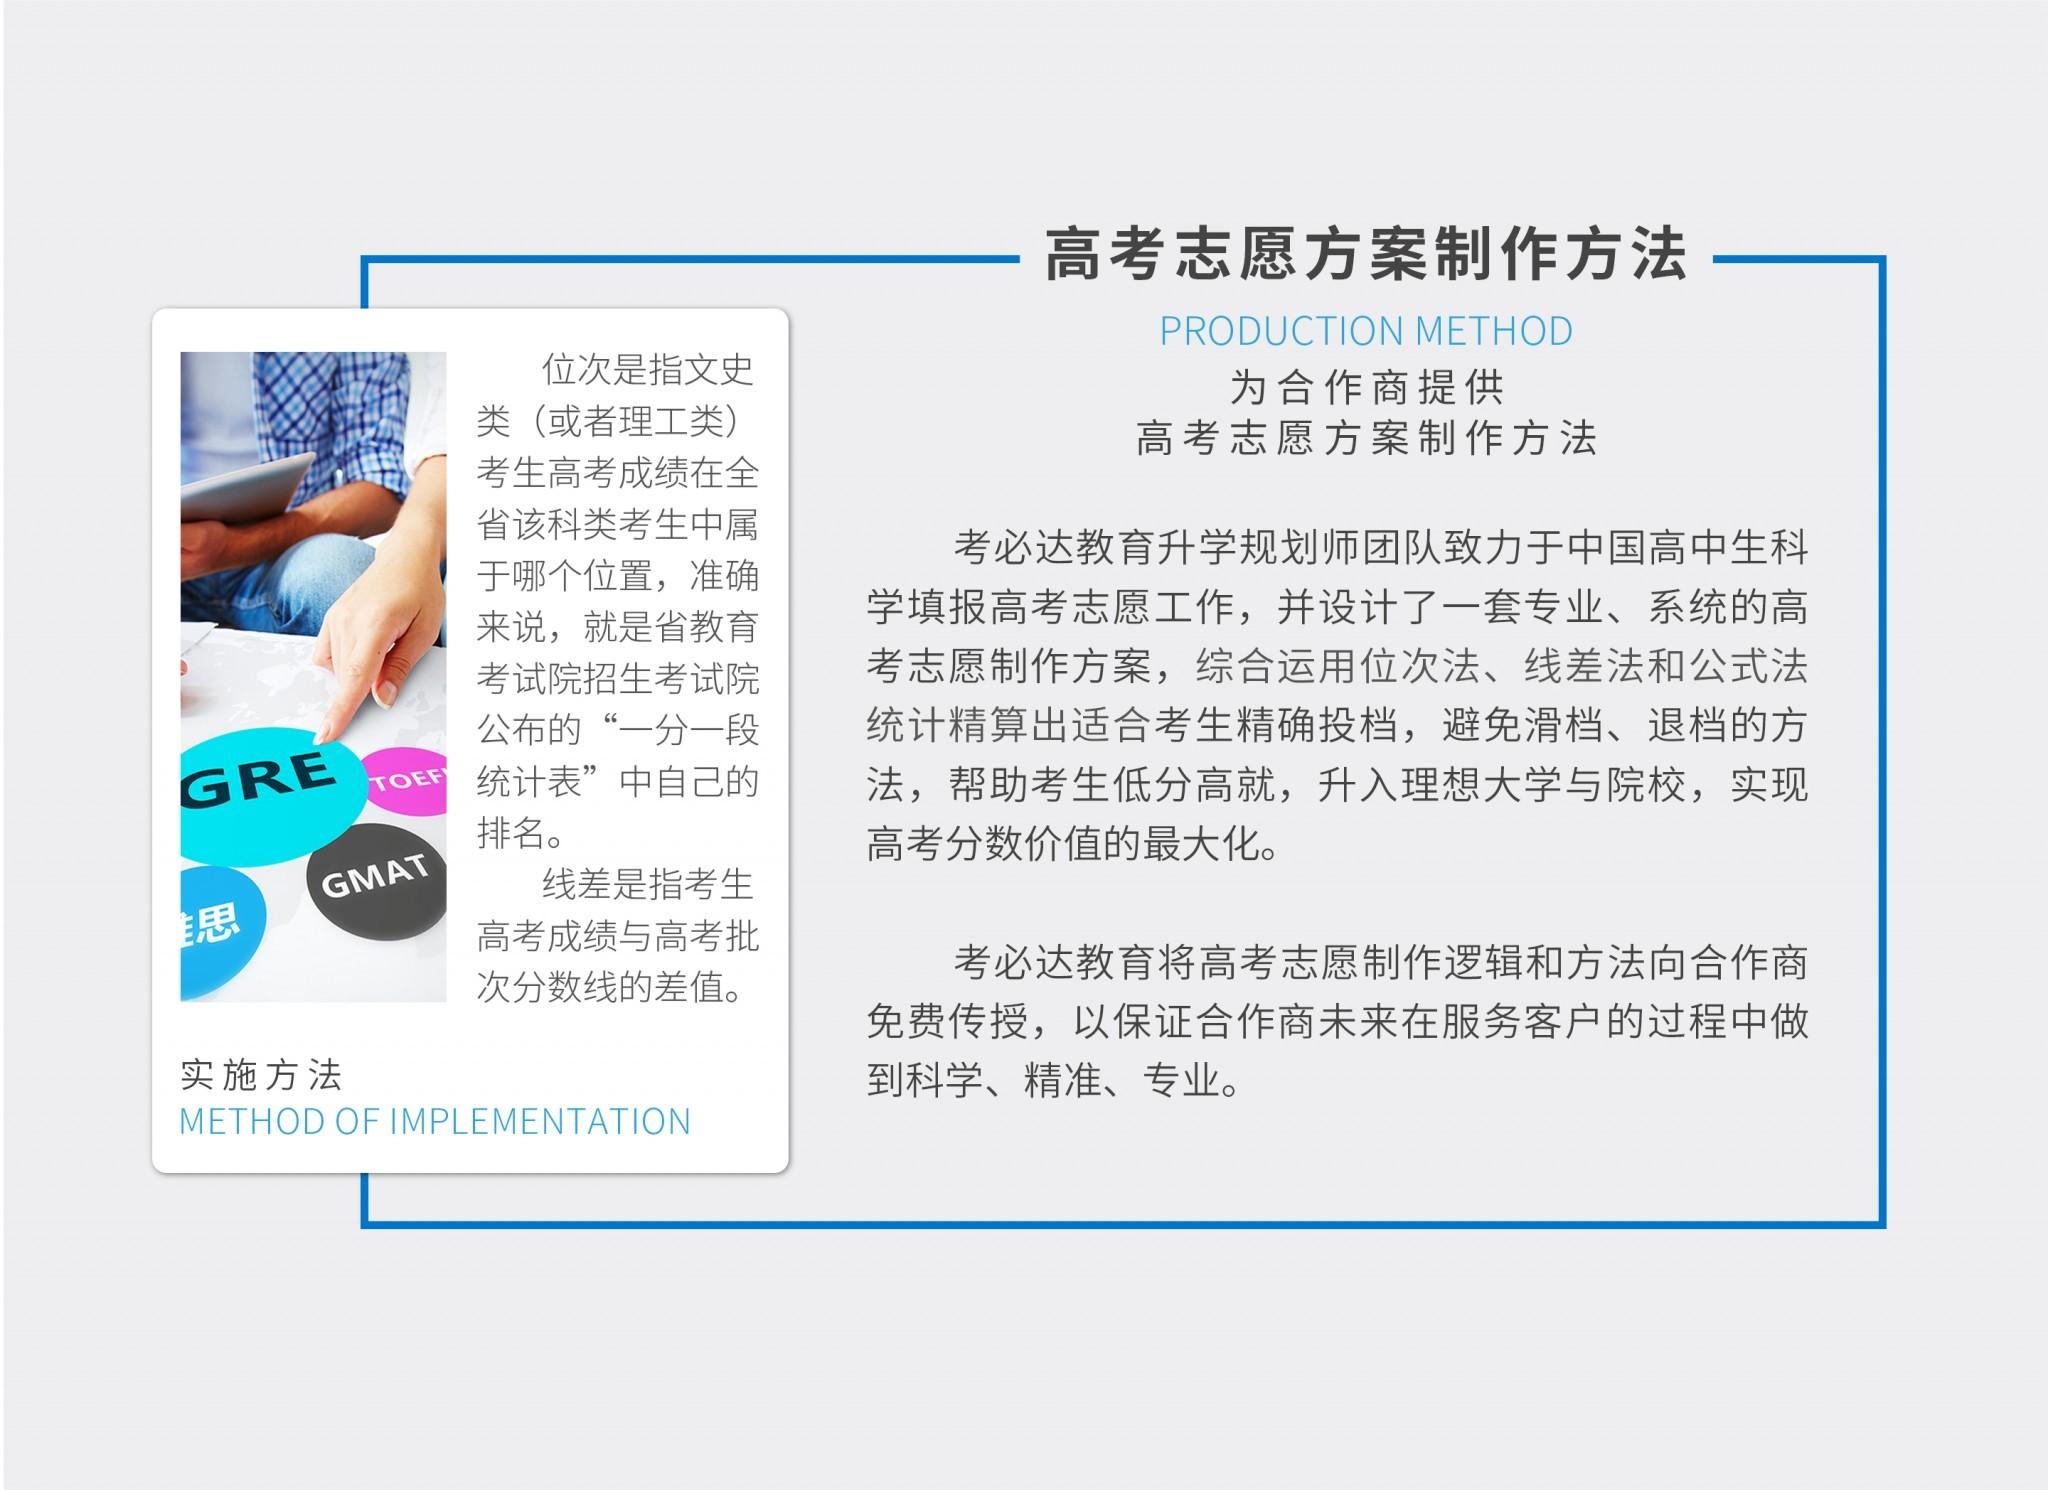 HUO--02孵化服务-03提供方法_05